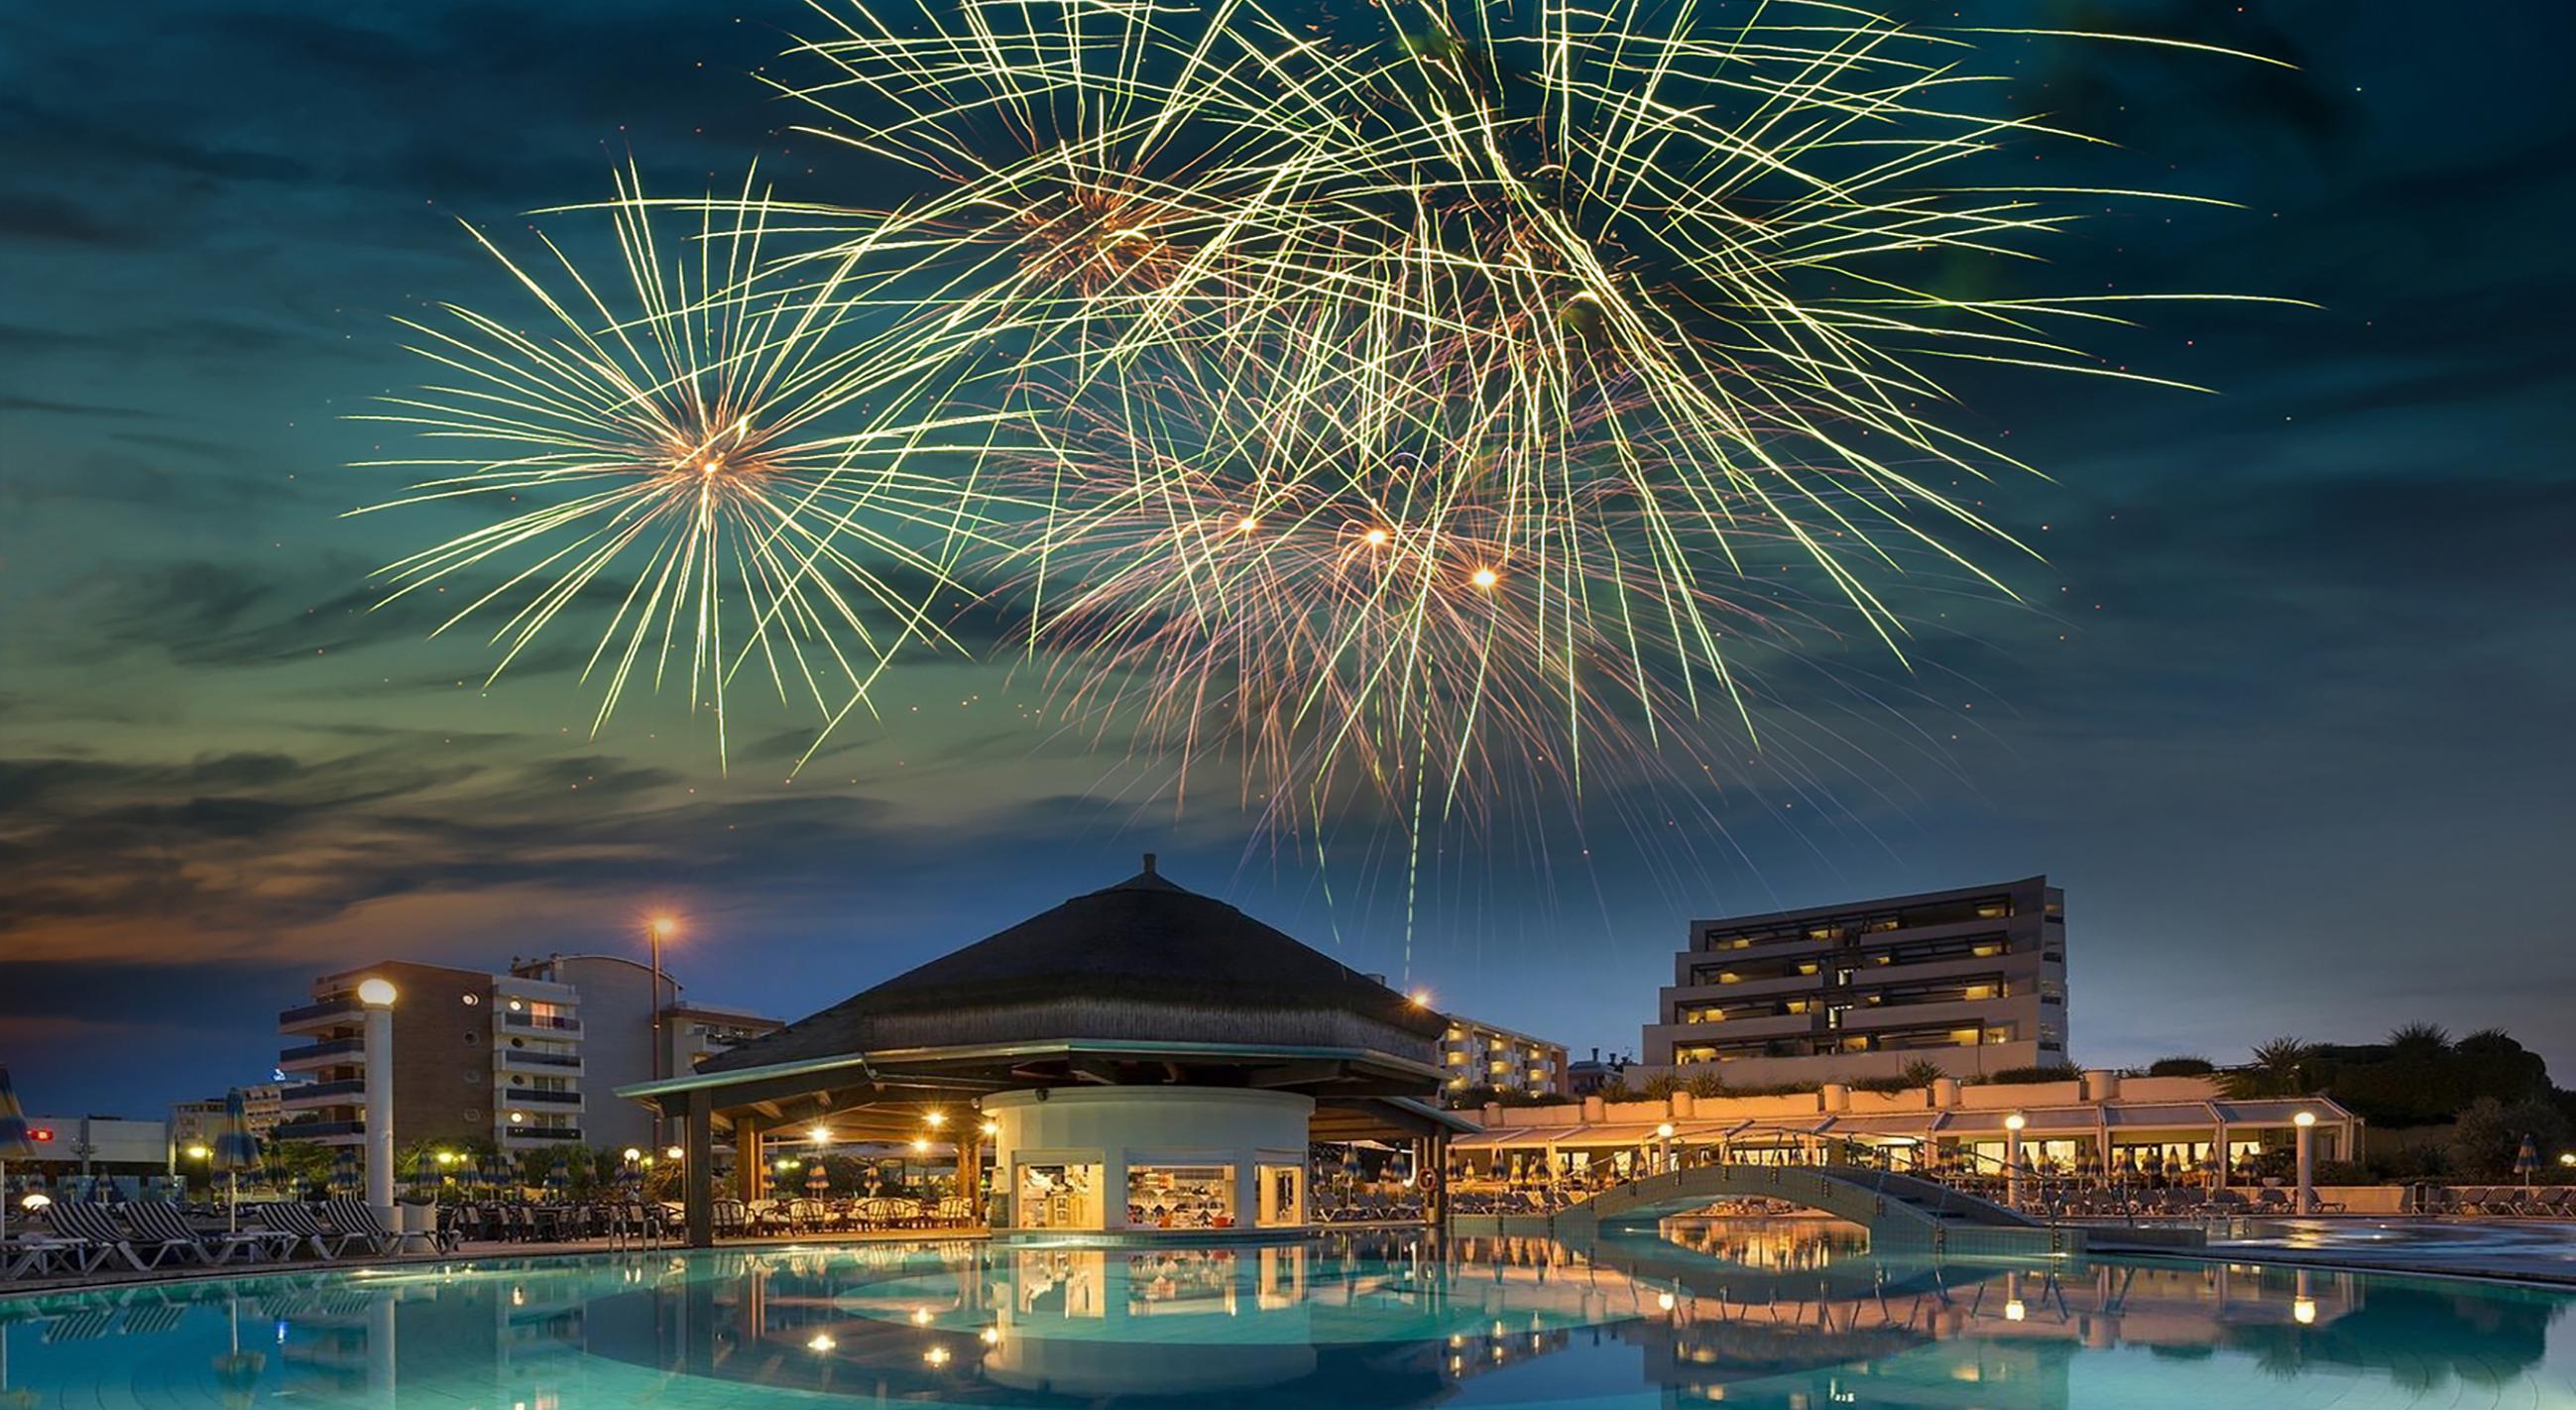 vajenti hotel con fuochi artificio 2